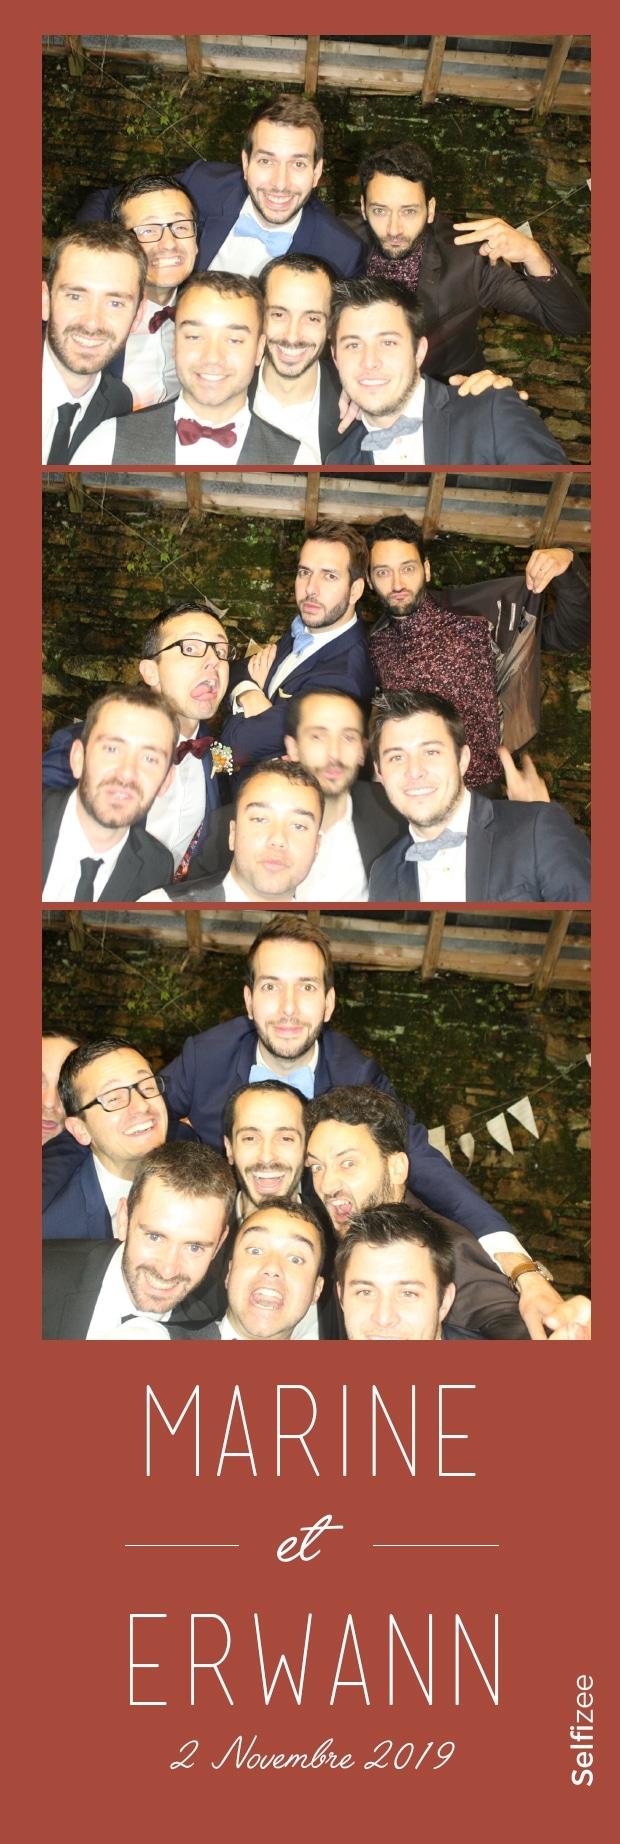 Animation selfie box mariage Niort - impressions photos avec borne selfie à louer pour fête mariage à Niort et en Deux Sèvres